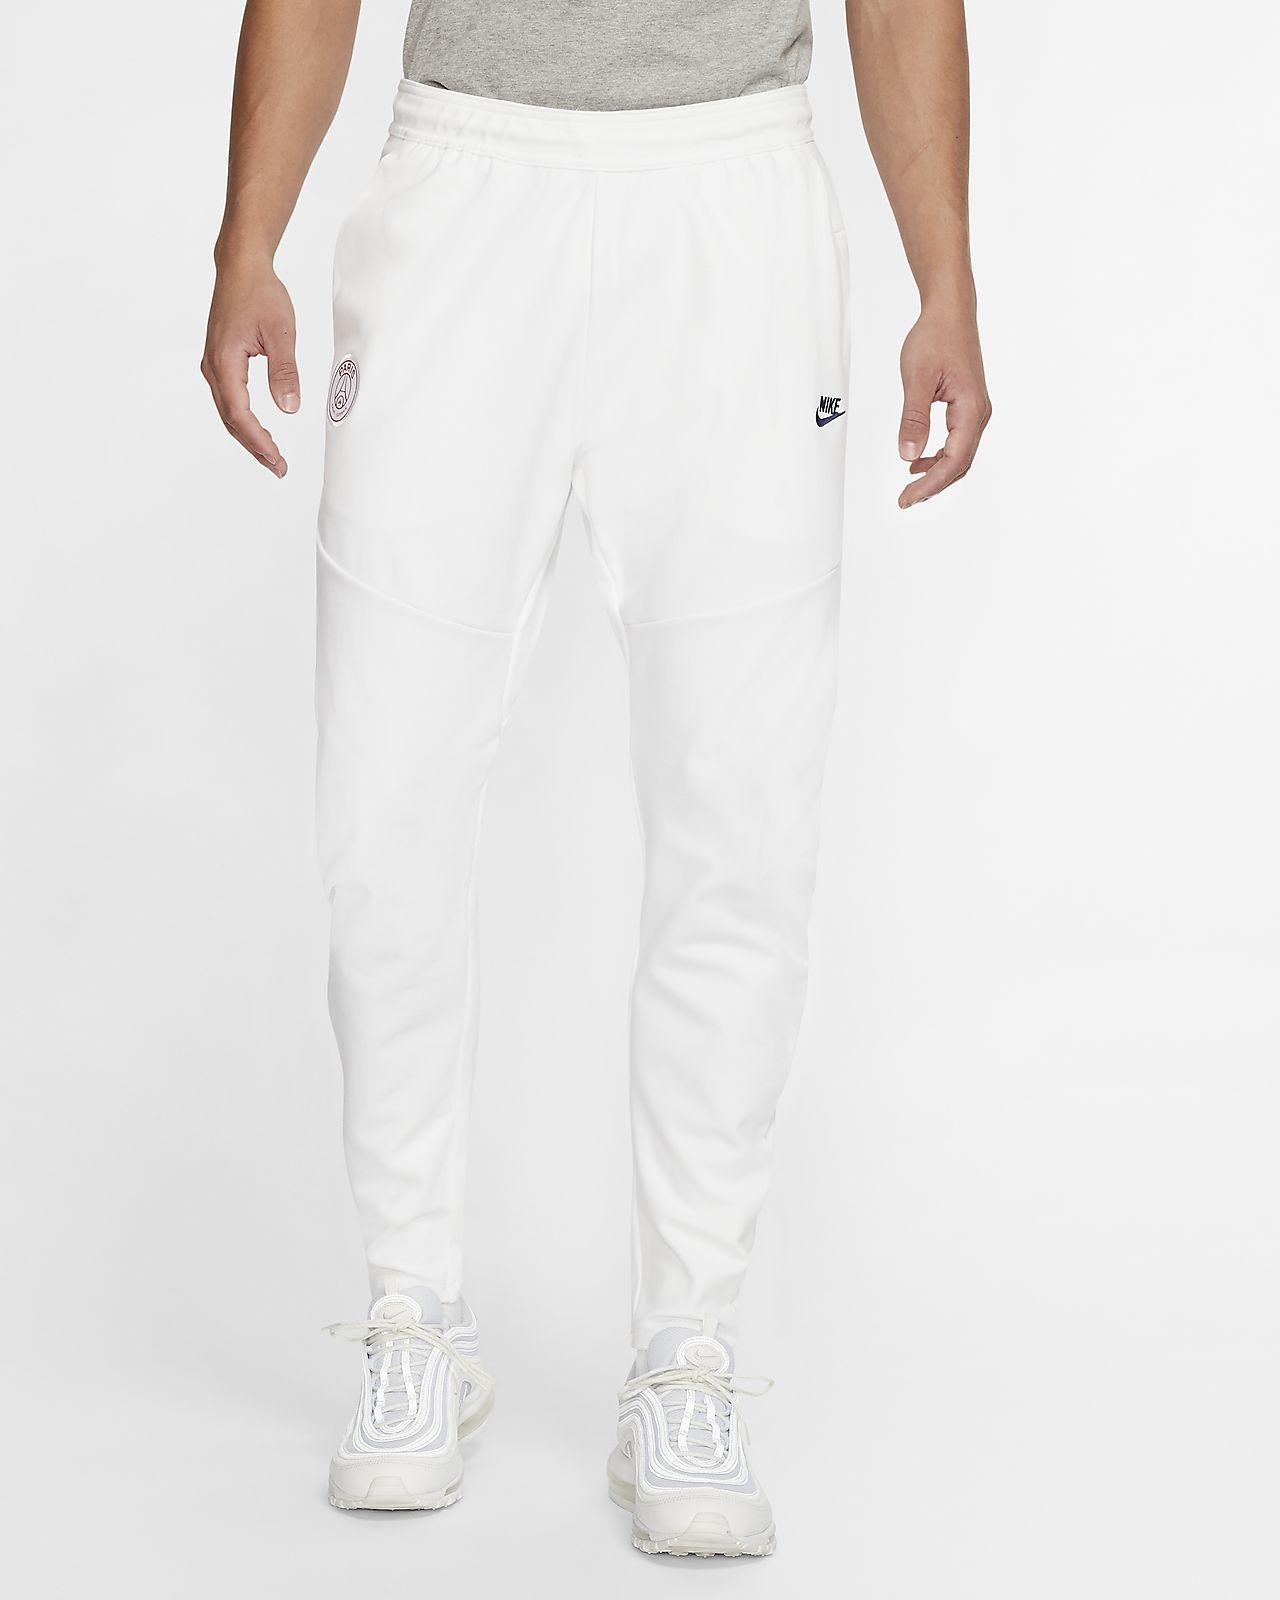 Pantalon Paris Saint Germain Tech Pack pour Homme